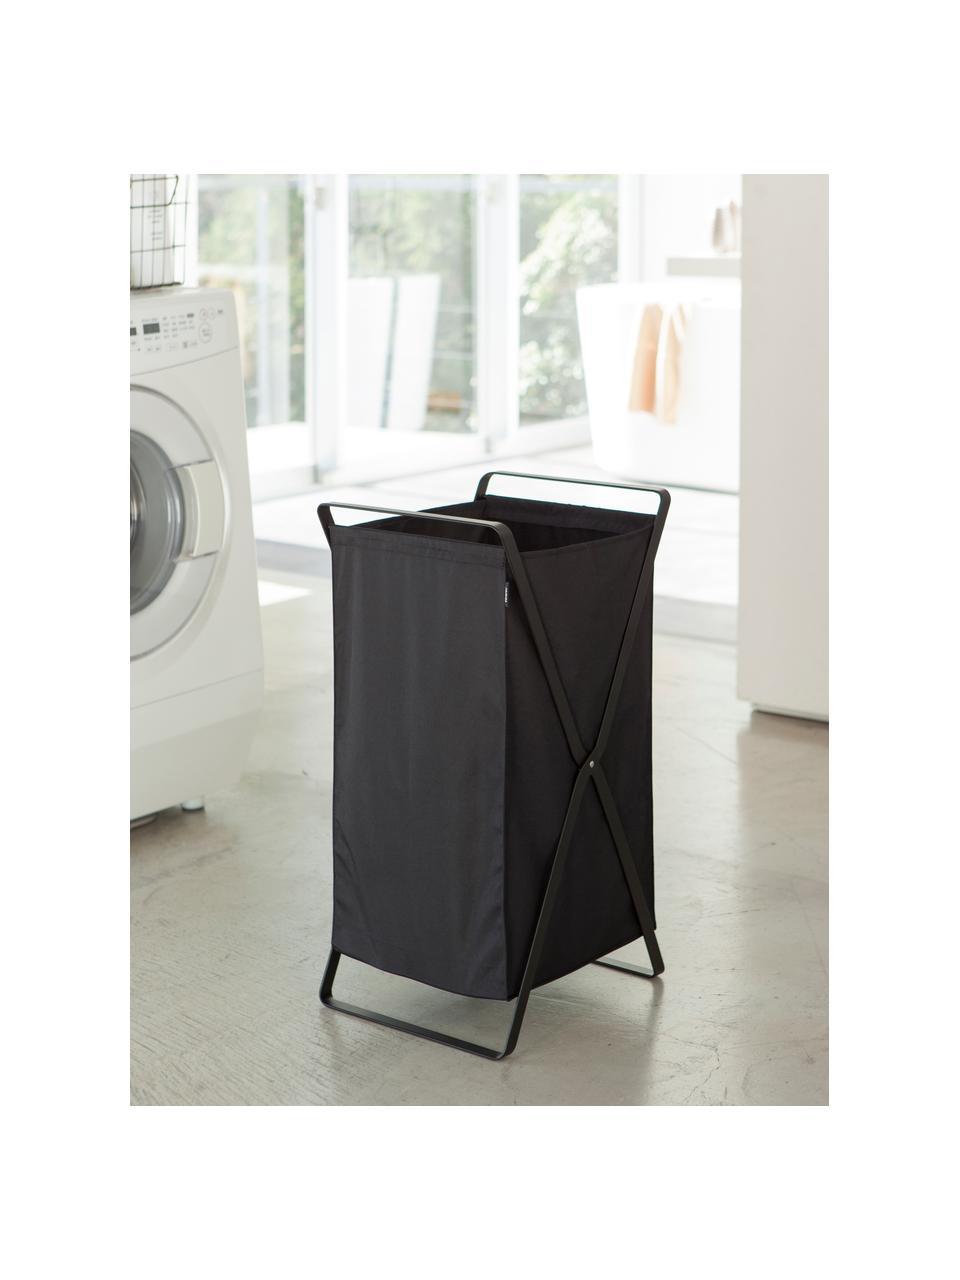 Kosz na pranie Tower, Czarny, S 36 x W 64 cm